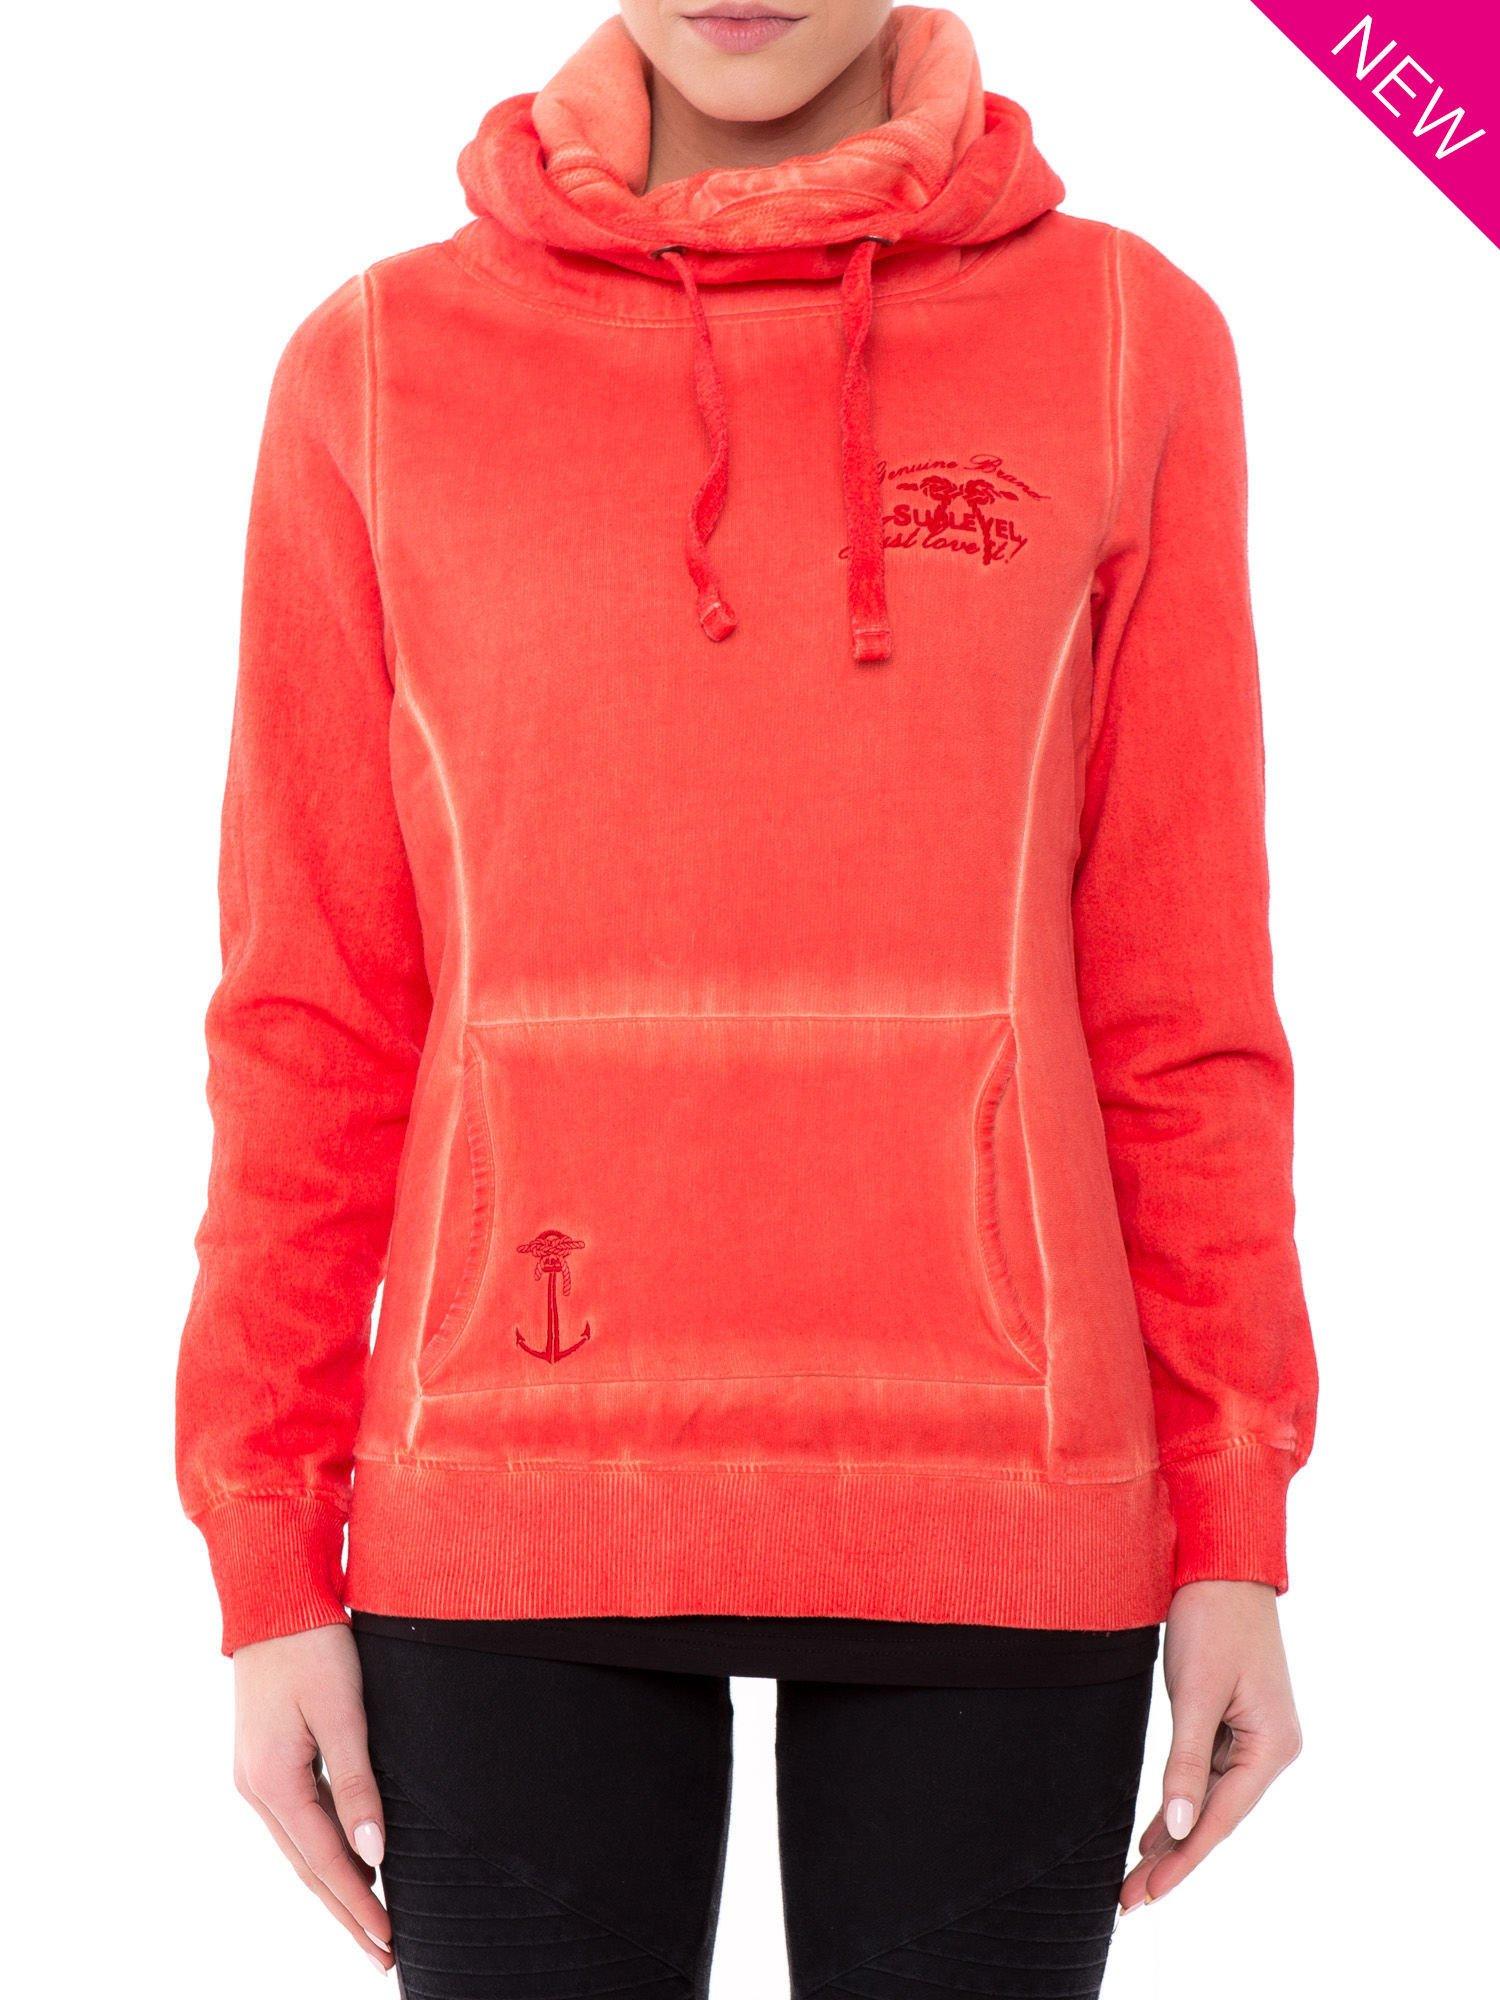 Pomarańczowa bluza z kapturem z efektem sprania                                  zdj.                                  4